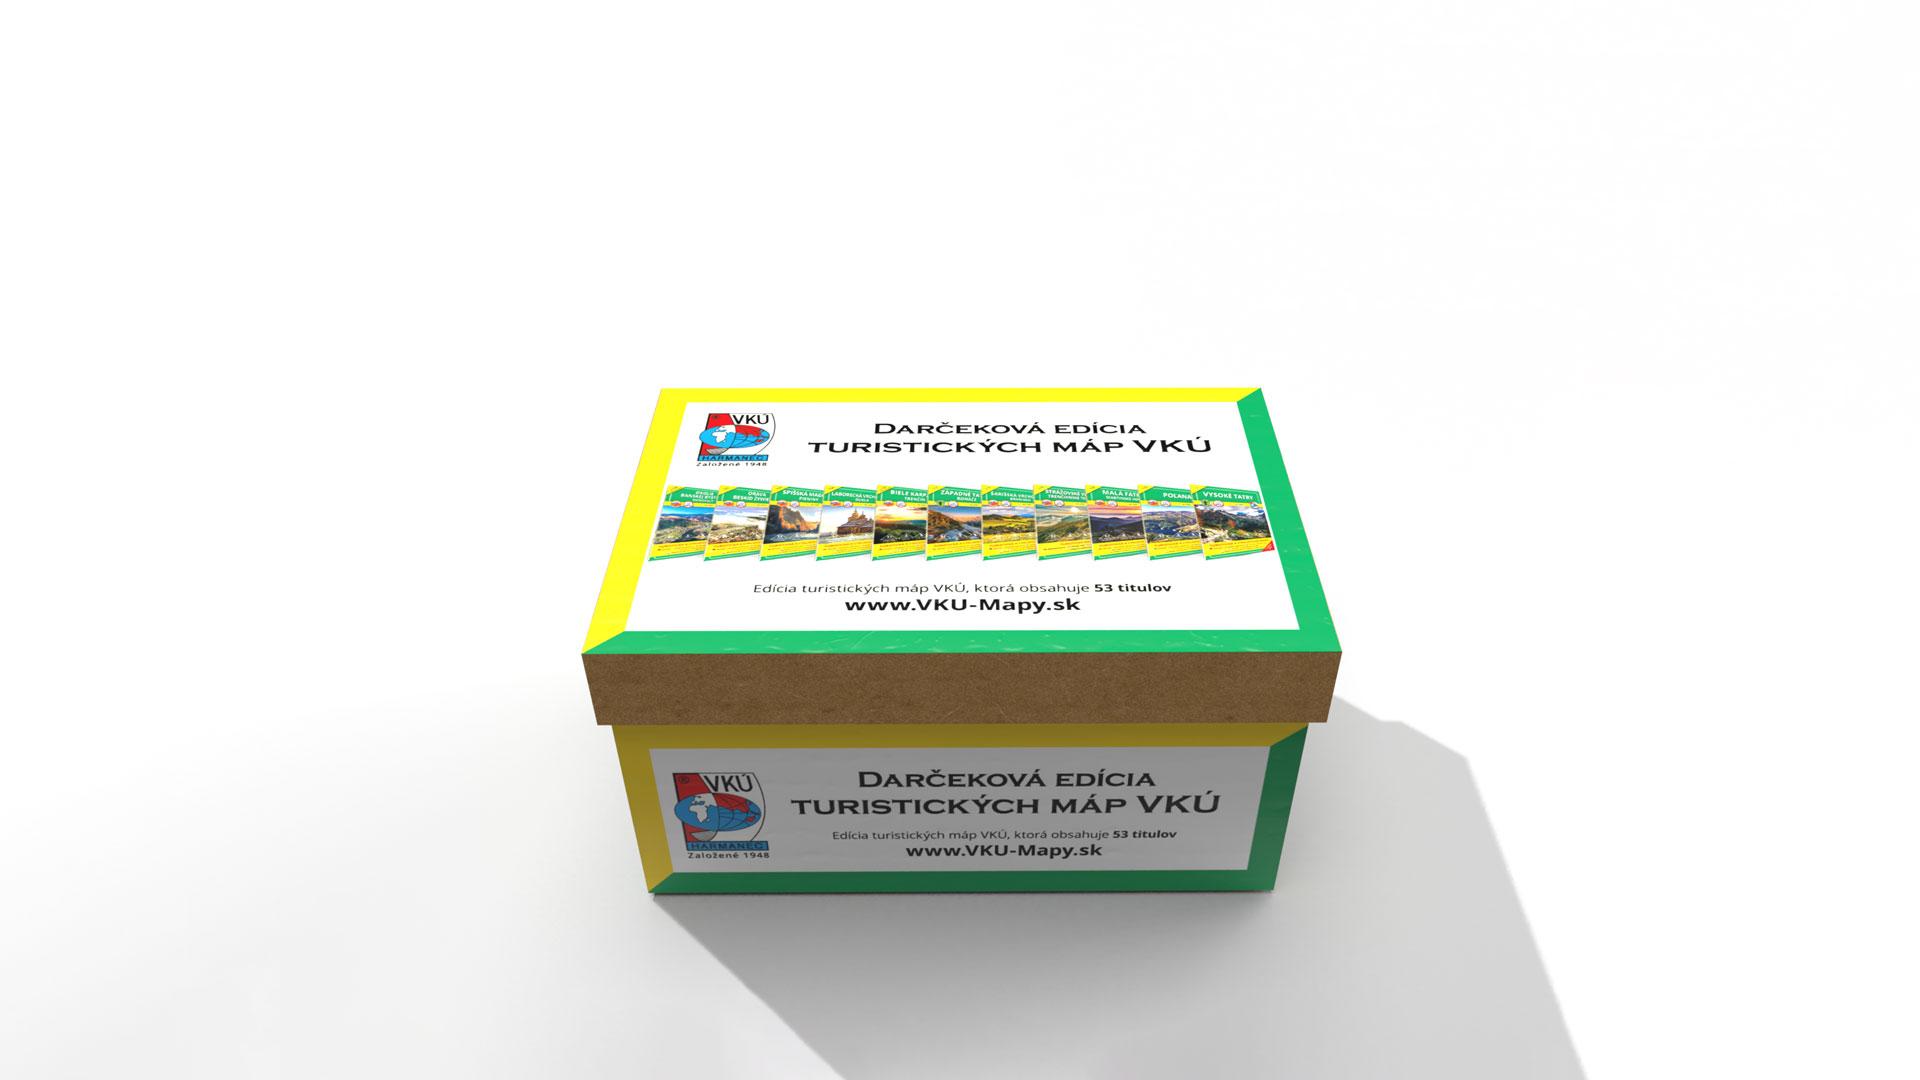 Darčeková krabica máp VKÚ